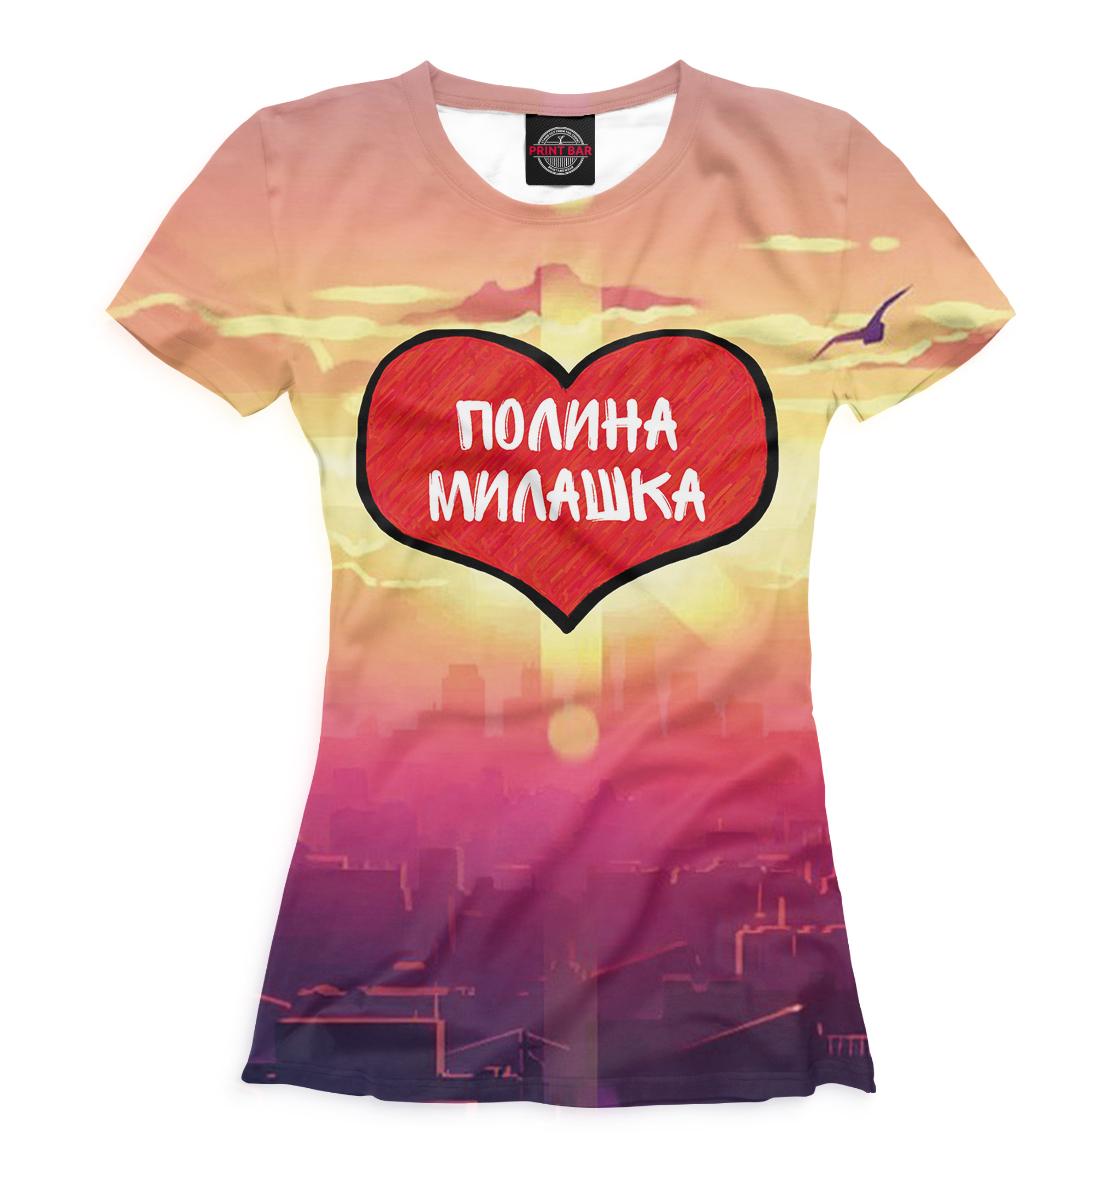 Купить Полина — милашка, Printbar, Футболки, PLN-920918-fut-1